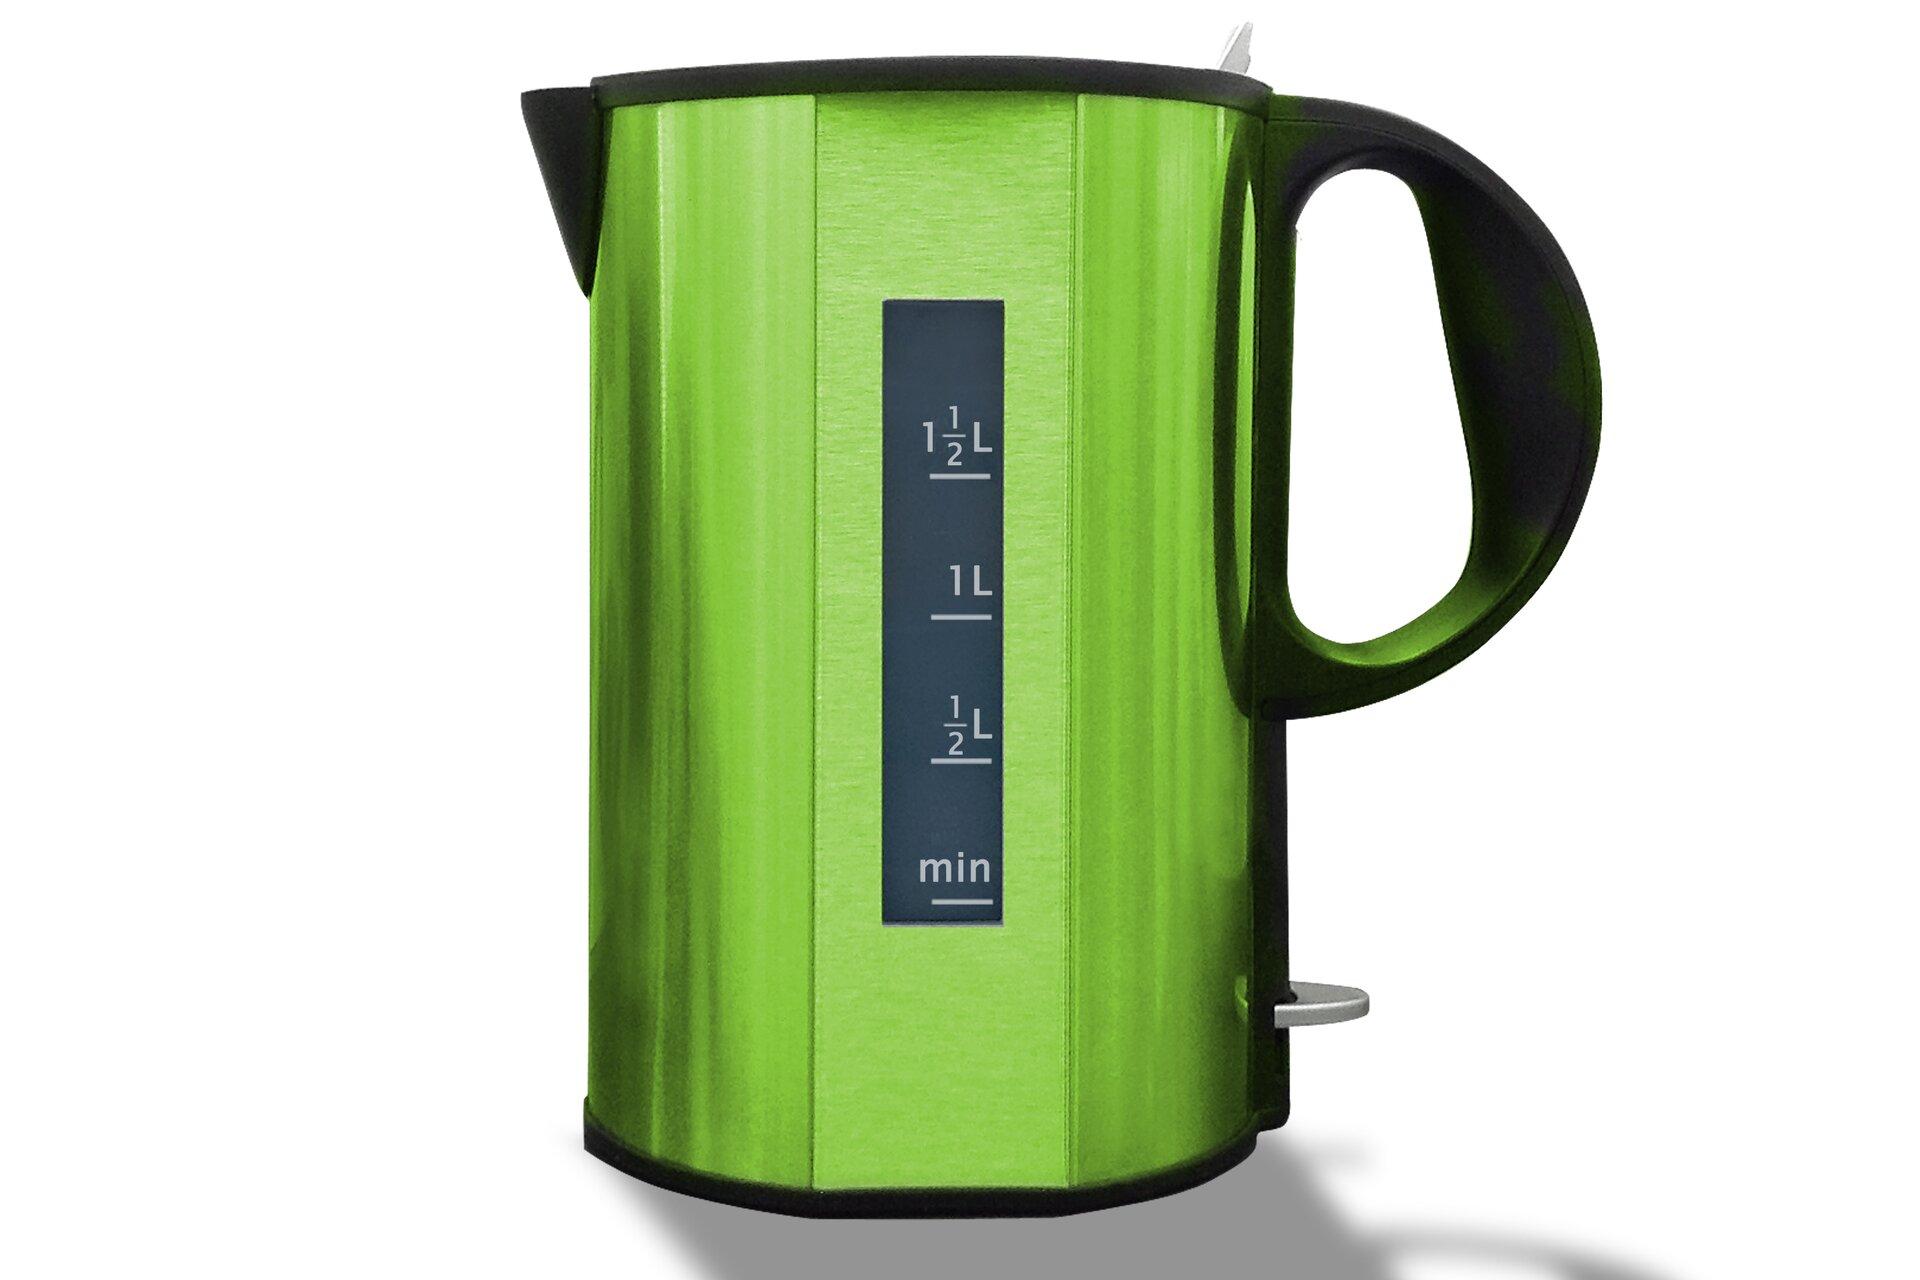 Zdjęcie czajnika elektrycznego – wskaźnik poziomu wody oznaczony ułamkami zwykłymi.